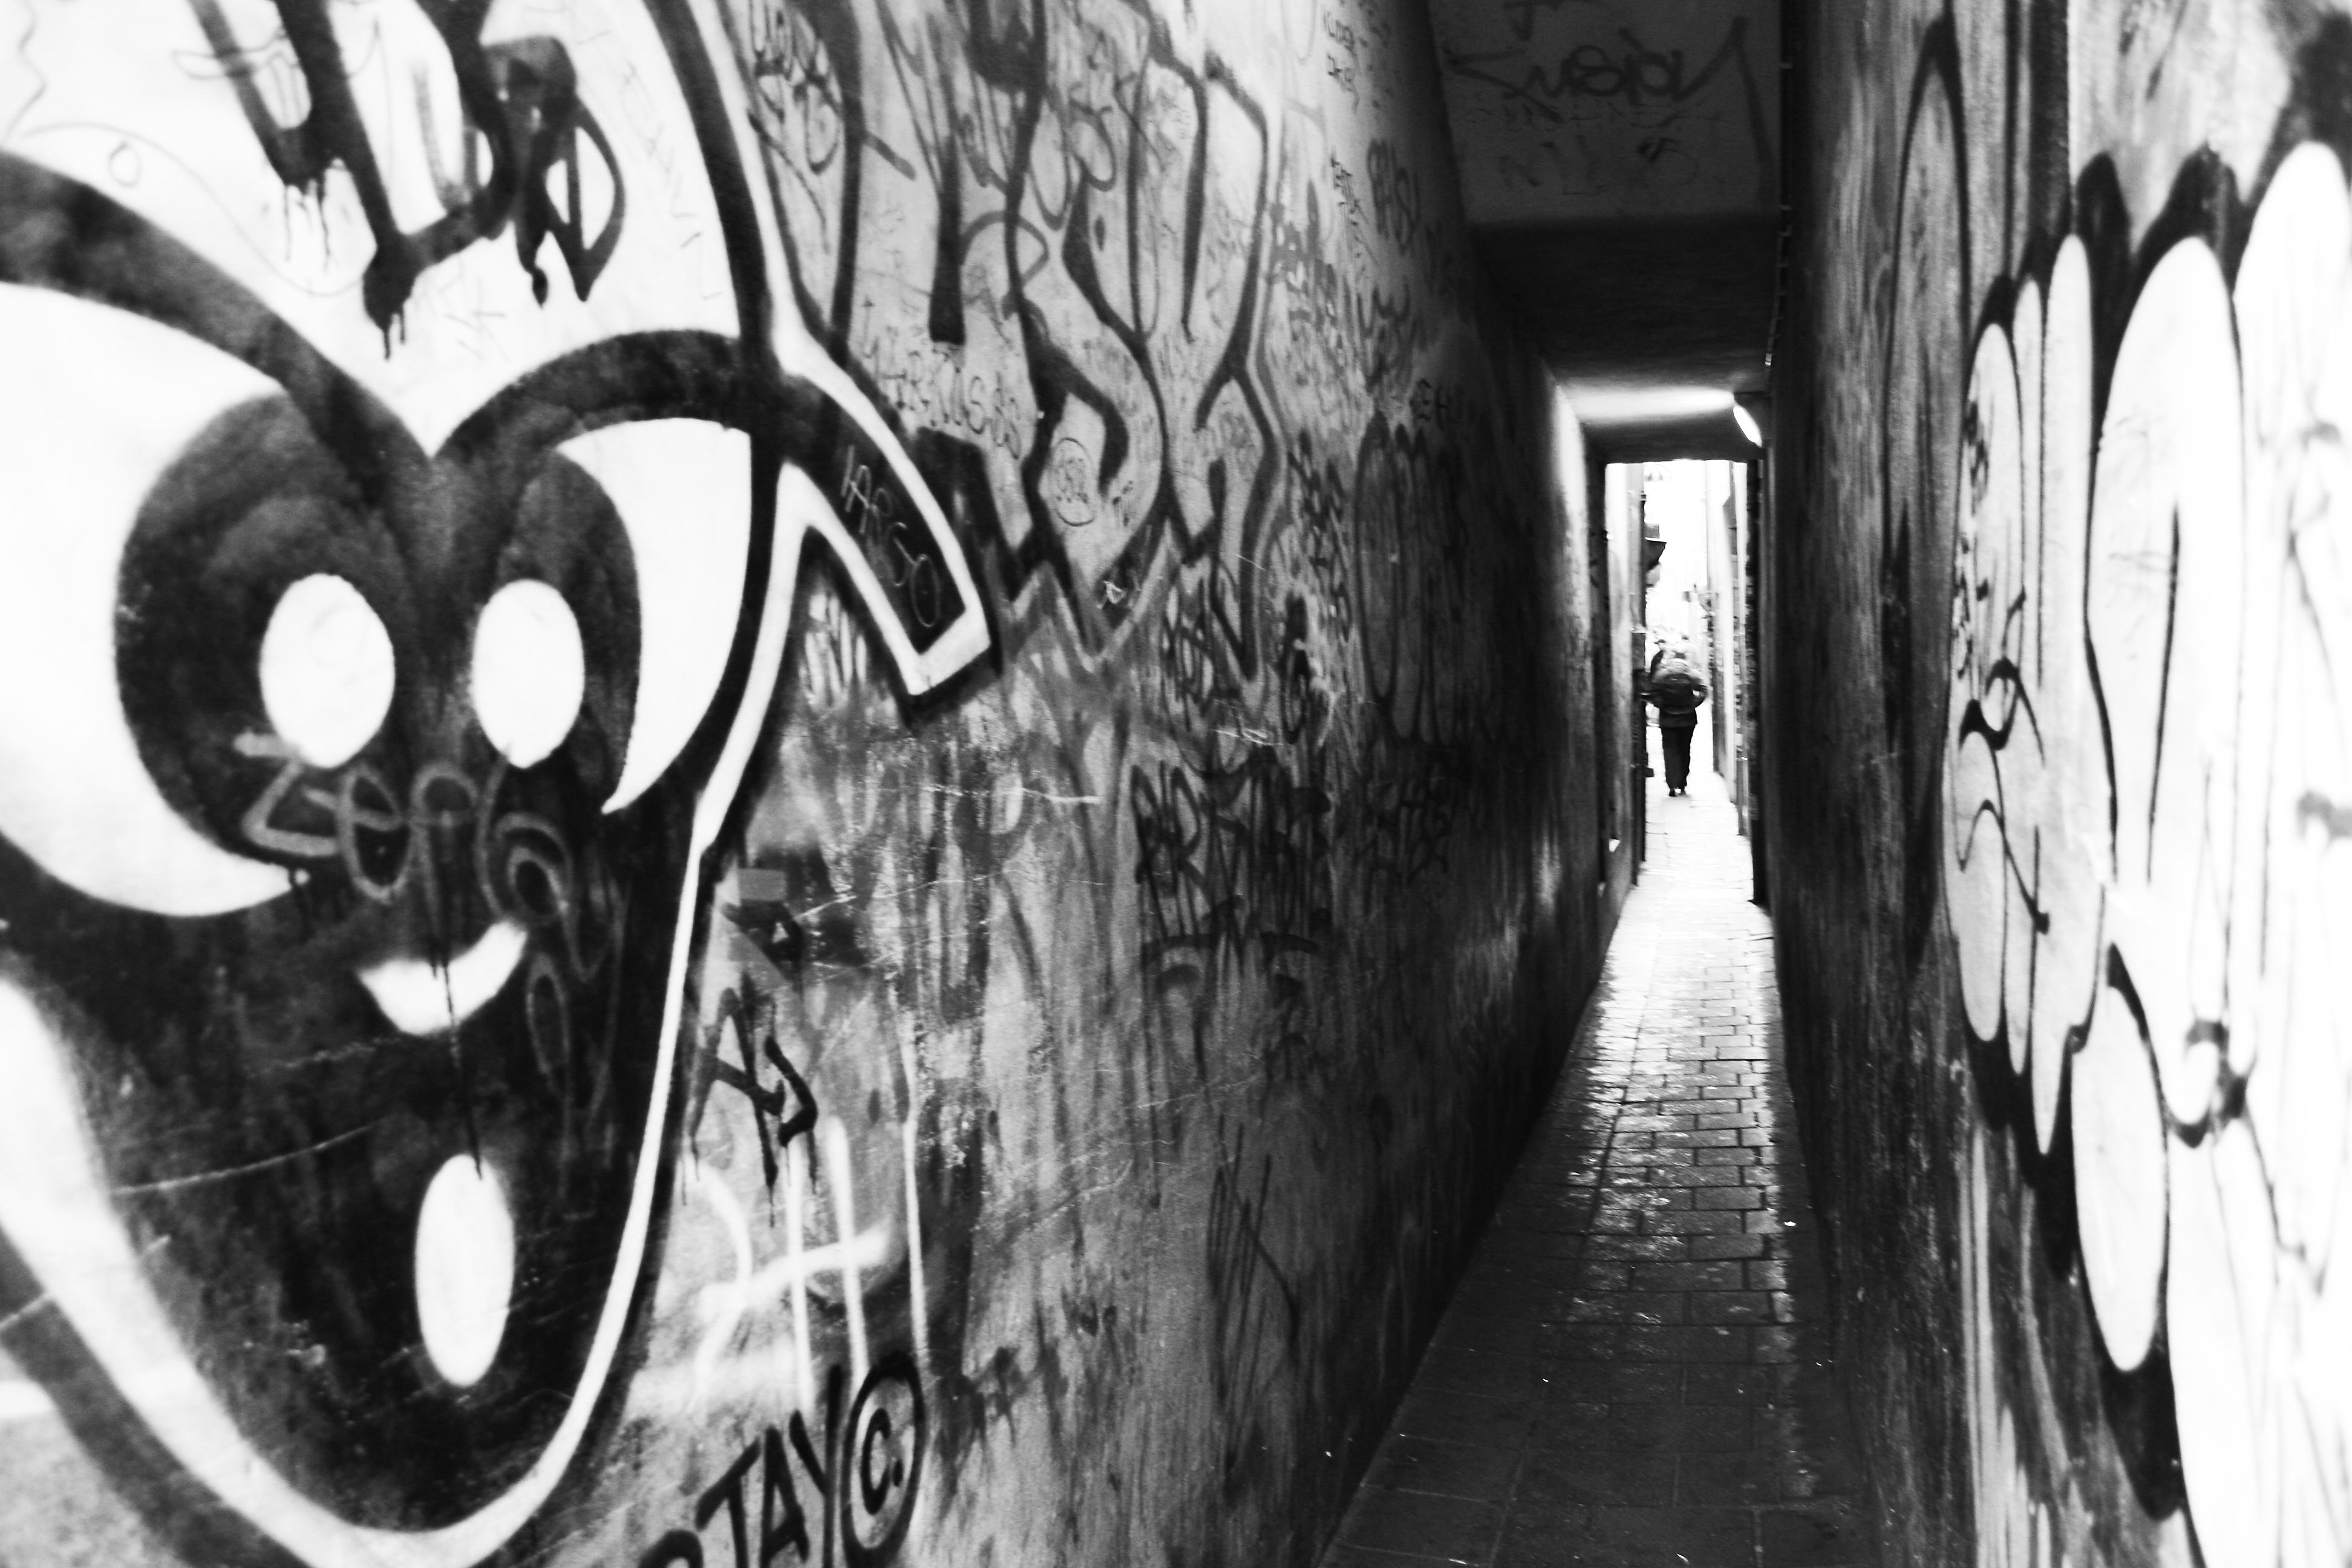 Small graffiti passage way photo